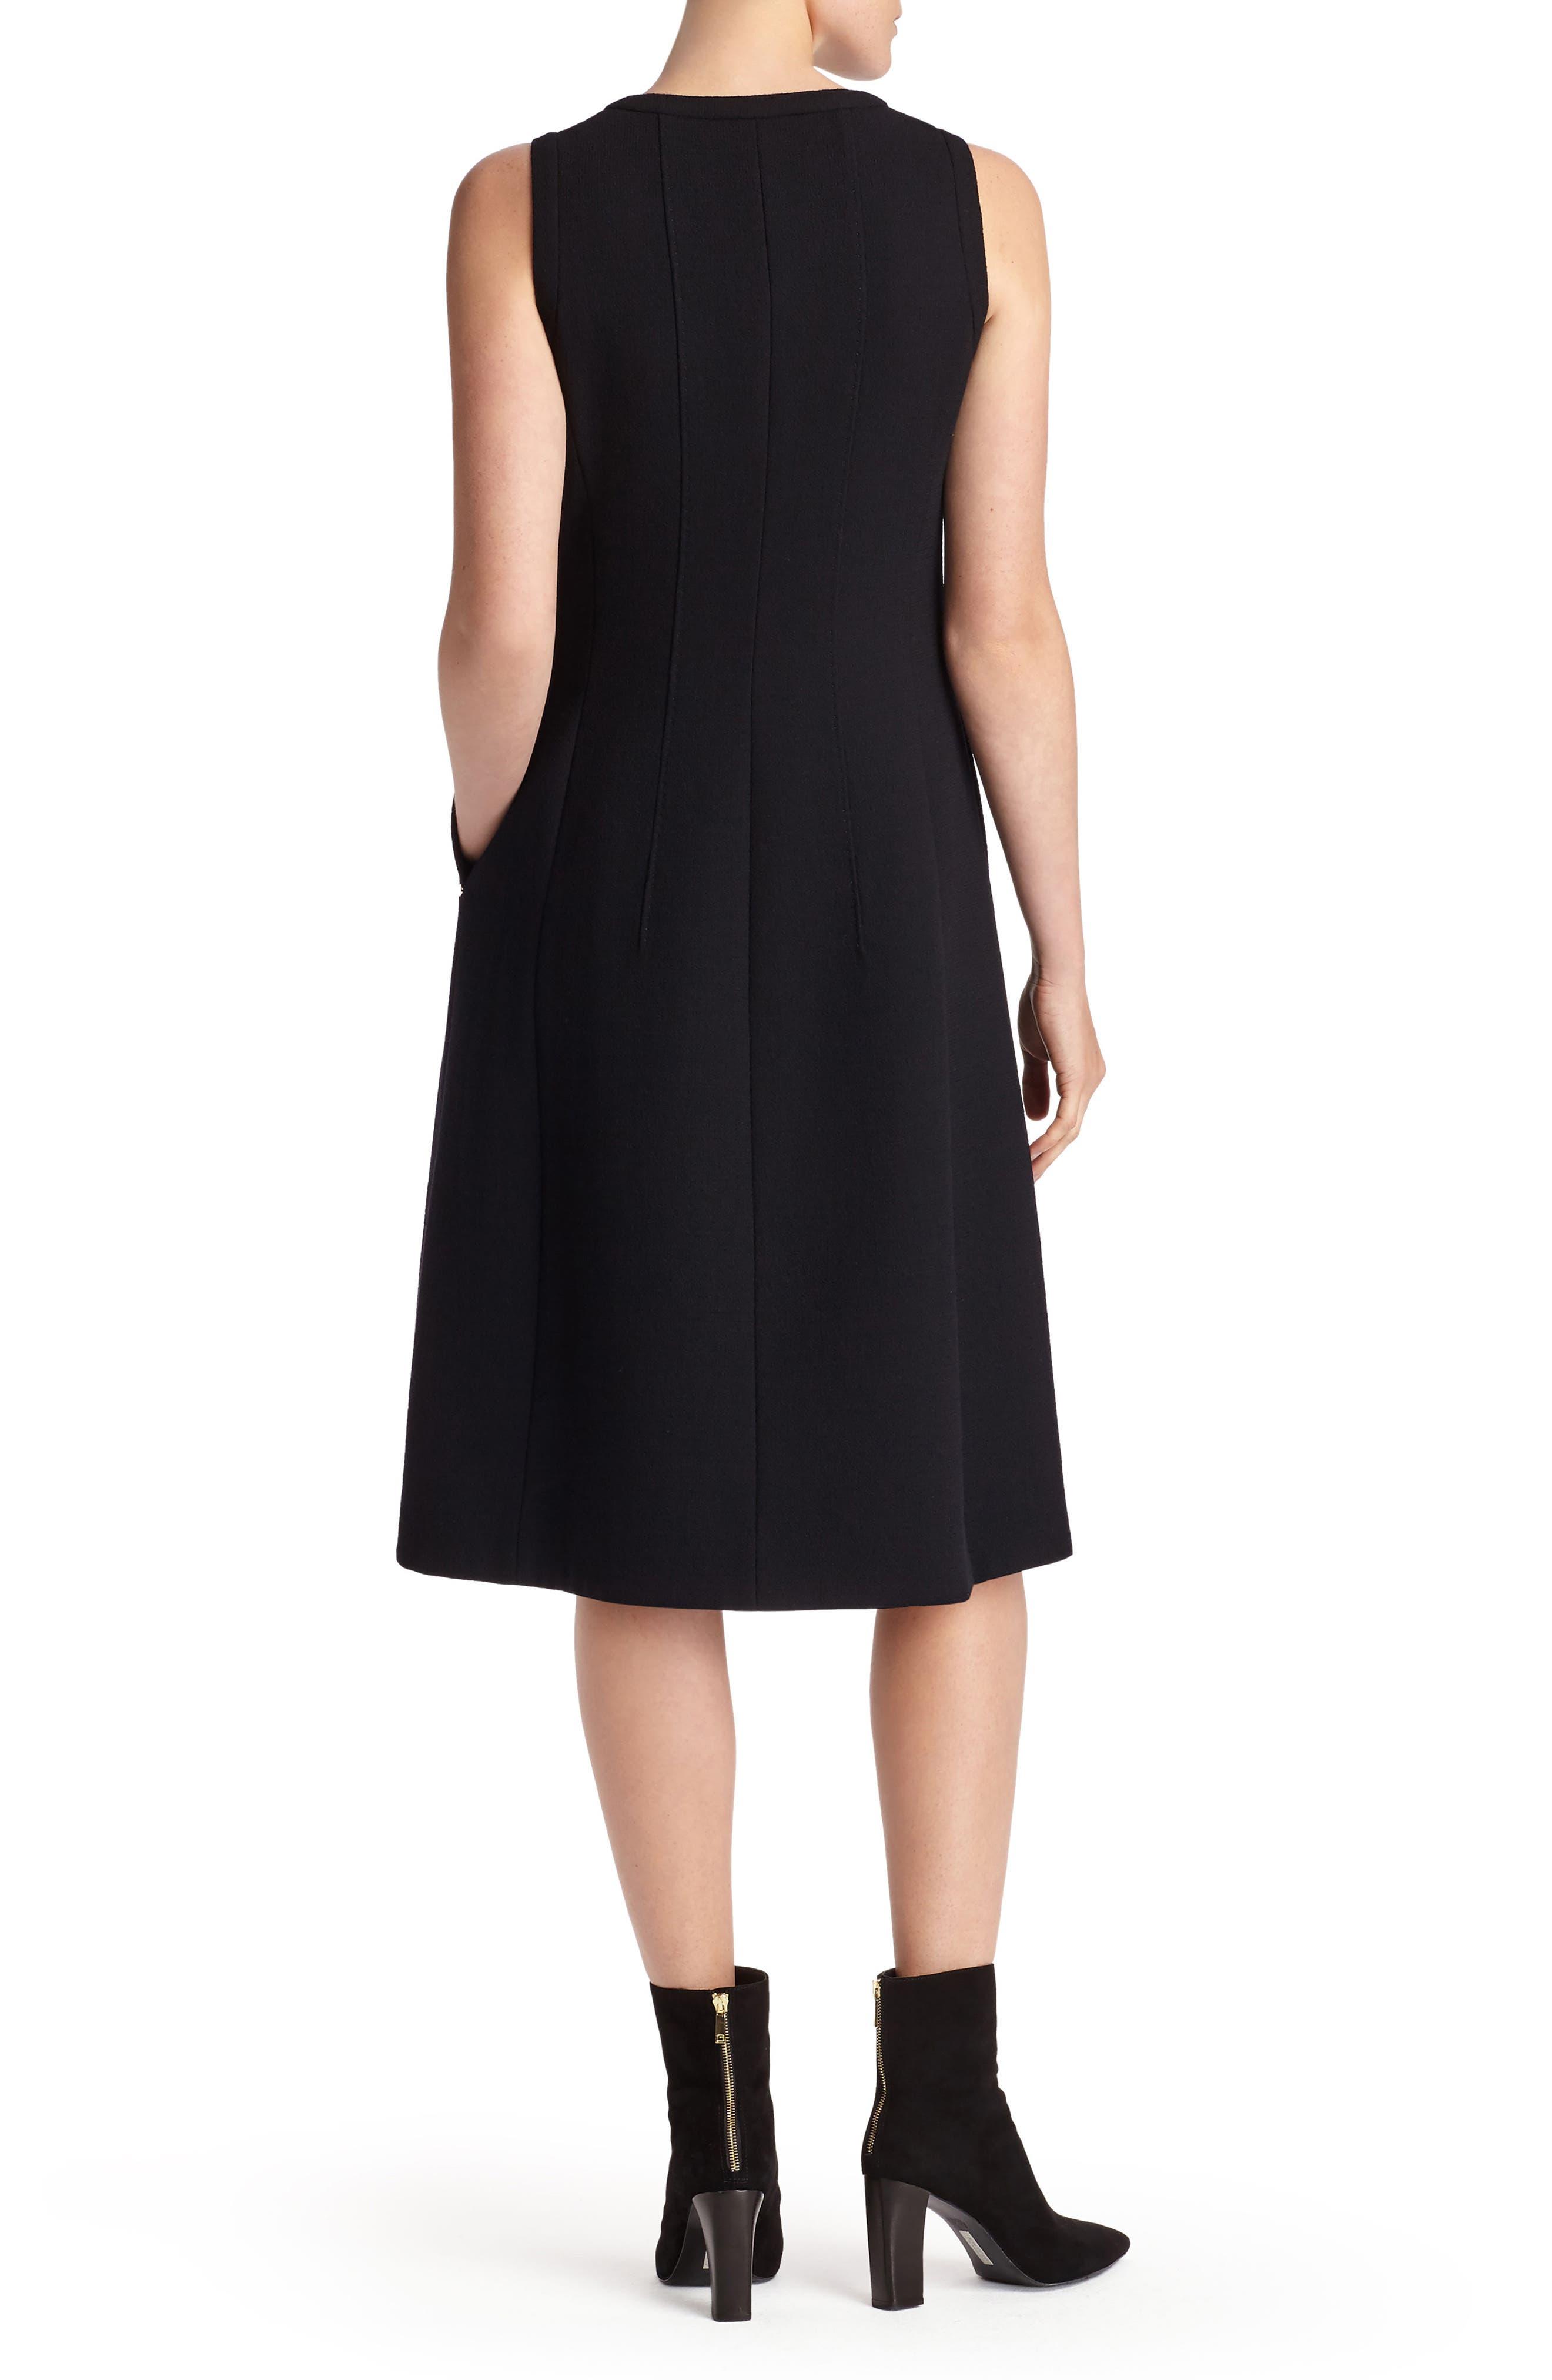 Celinda Nouveau Crepe Dress,                             Alternate thumbnail 2, color,                             Black